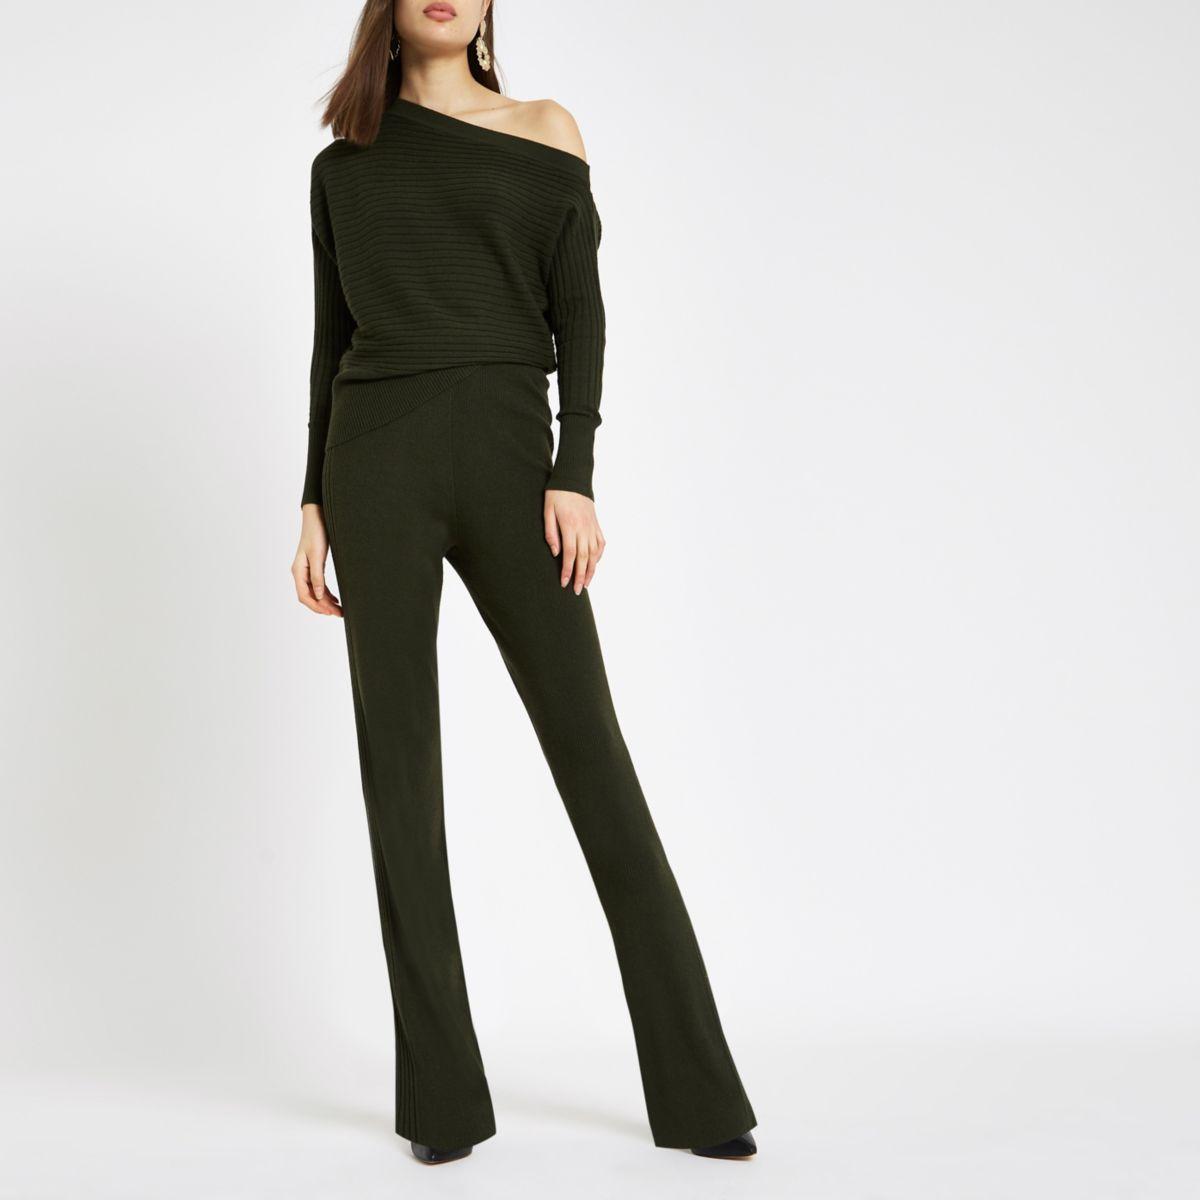 Khaki knit wide leg trousers